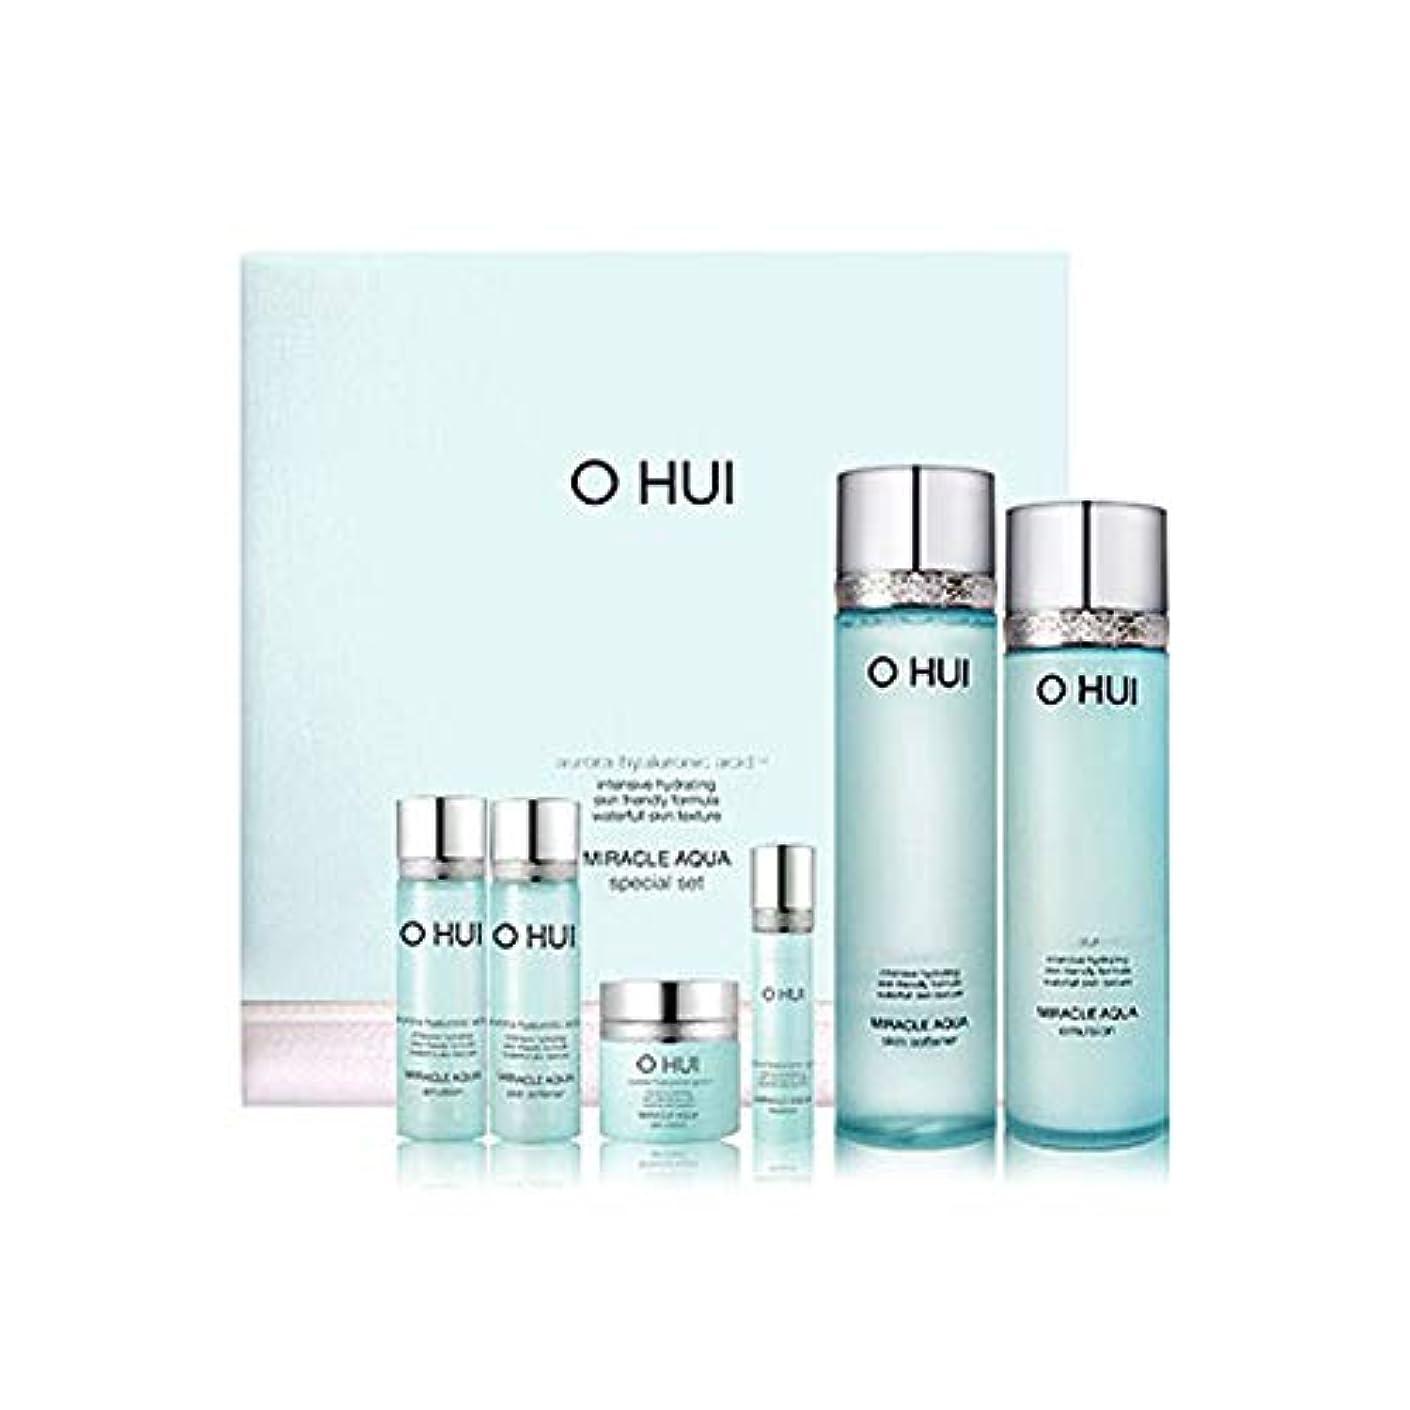 批判的にアトラス説明的オフィミラクルアクアスキンソフナーエマルジョンセット韓国コスメ、O Hui Miracle Aqua Skin Softener Emulsion Set Korean Cosmetics [並行輸入品]